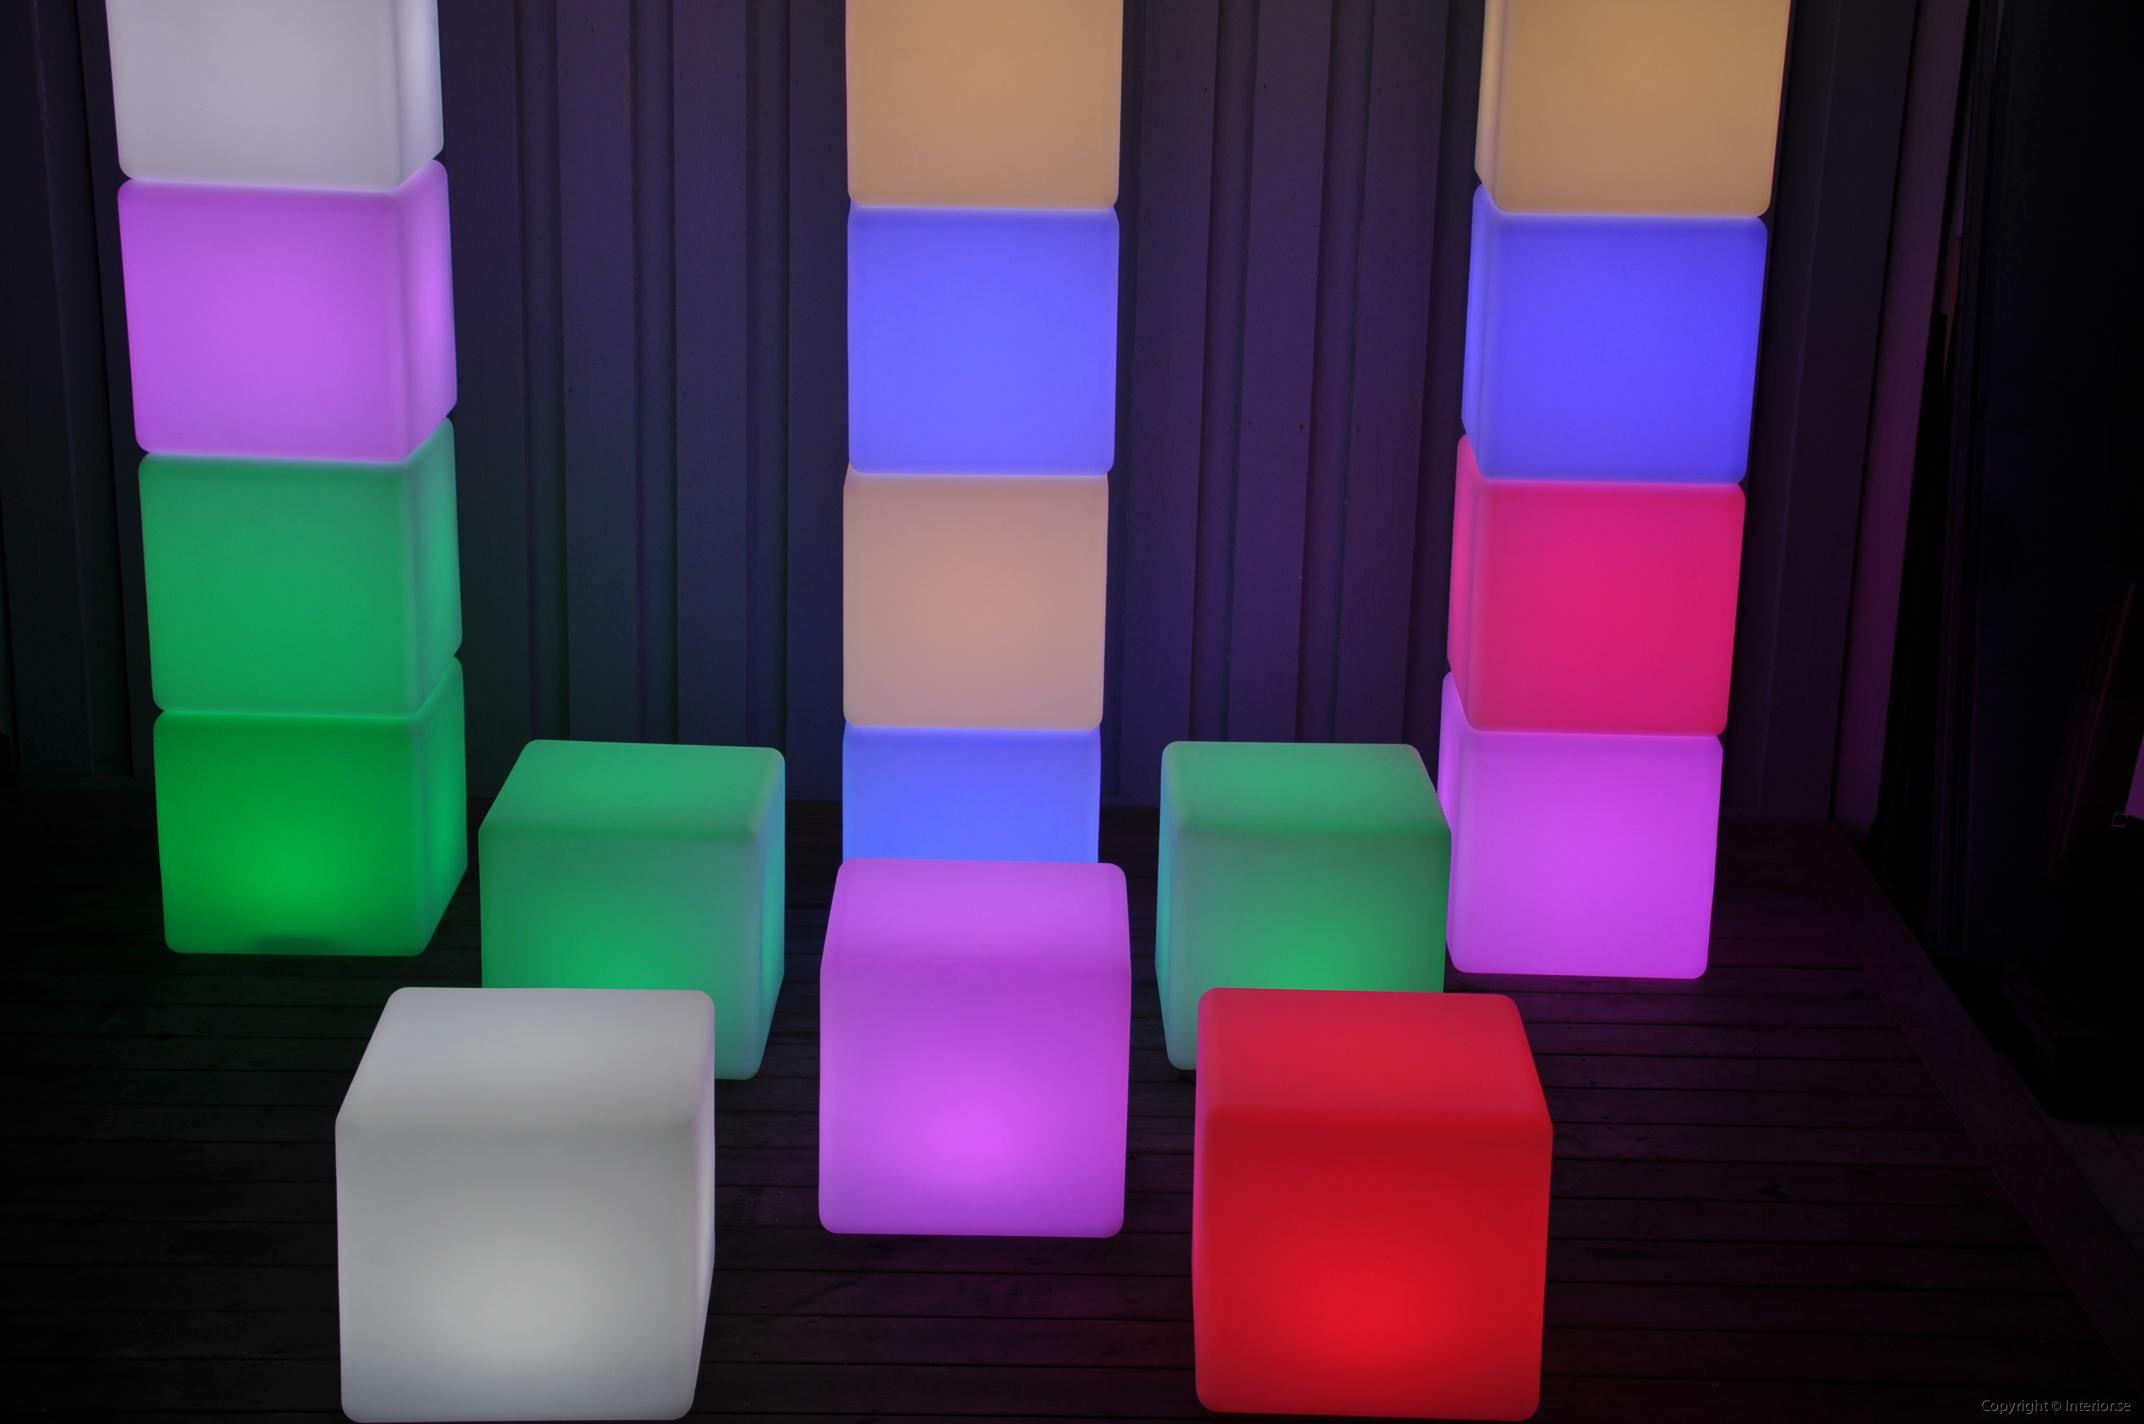 Hyra led möbler ledmöbler stockholm event möbler hyr möbler stockholm event led furniture hire stockholm (3)